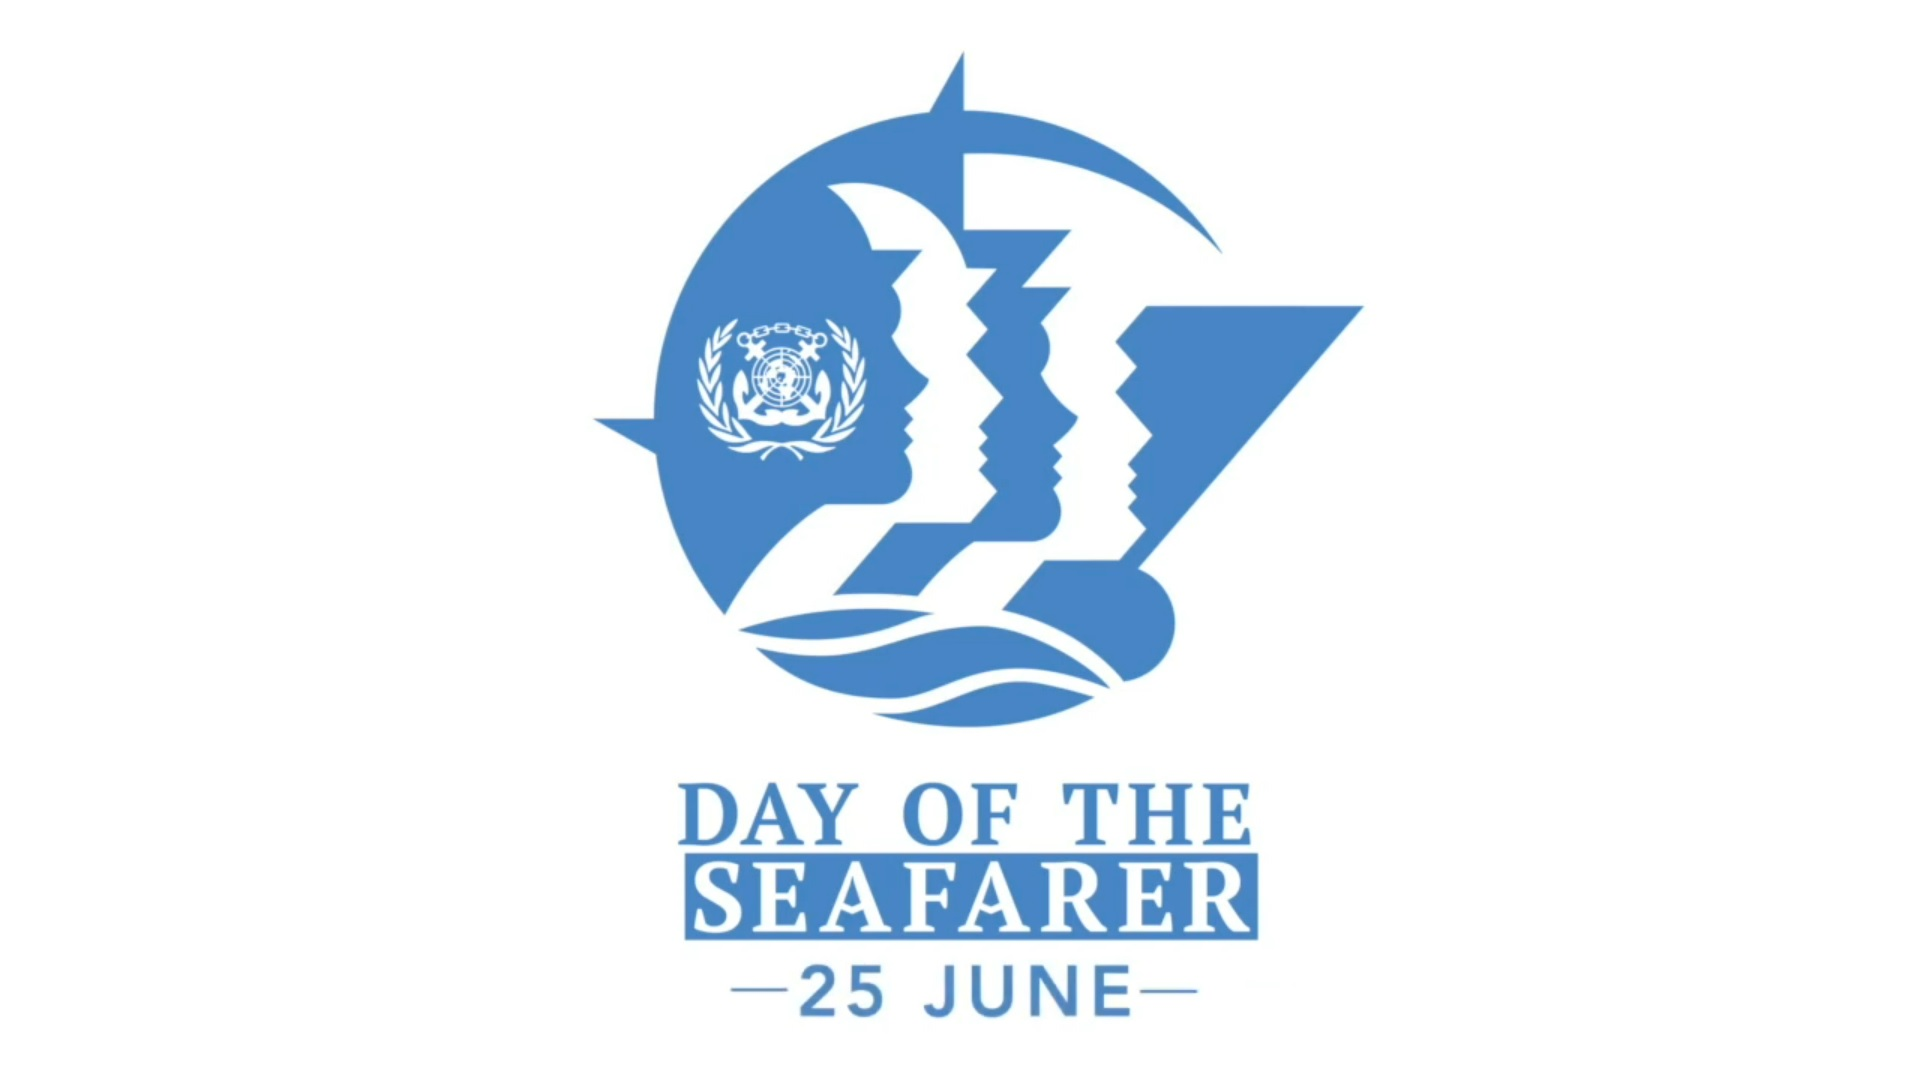 Day of the Seafarer 2021 - #Fair Future for Seafarers